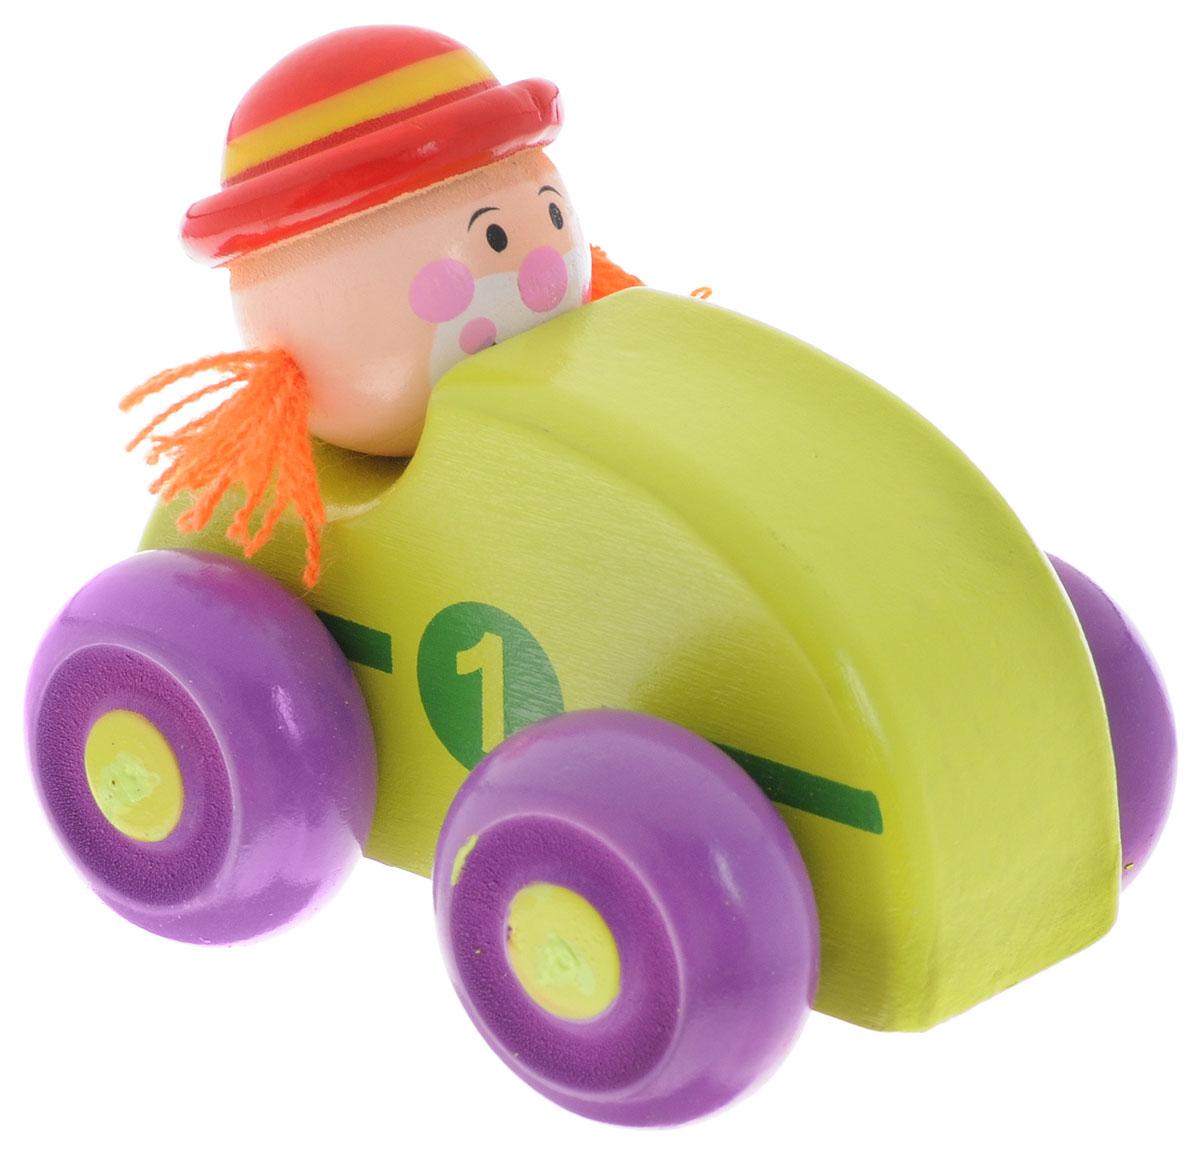 Mapacha Машинка Клоун зеленый76538_салатовыйМашинка Mapacha Клоун привлечет внимание вашего малыша. Яркая игрушка выполнена из экологически чистого дерева, выкрашенного нетоксичными красками, и представляет собой машинку с водителем. Колеса машинки свободно крутятся, благодаря чему малыш сможет катать игрушку. Сваи с колесами можно двигать из стороны в сторону. Машинка Mapacha Клоун способствует развитию у ребенка пространственного мышления, координации движений, воображения и мелкой моторики рук.